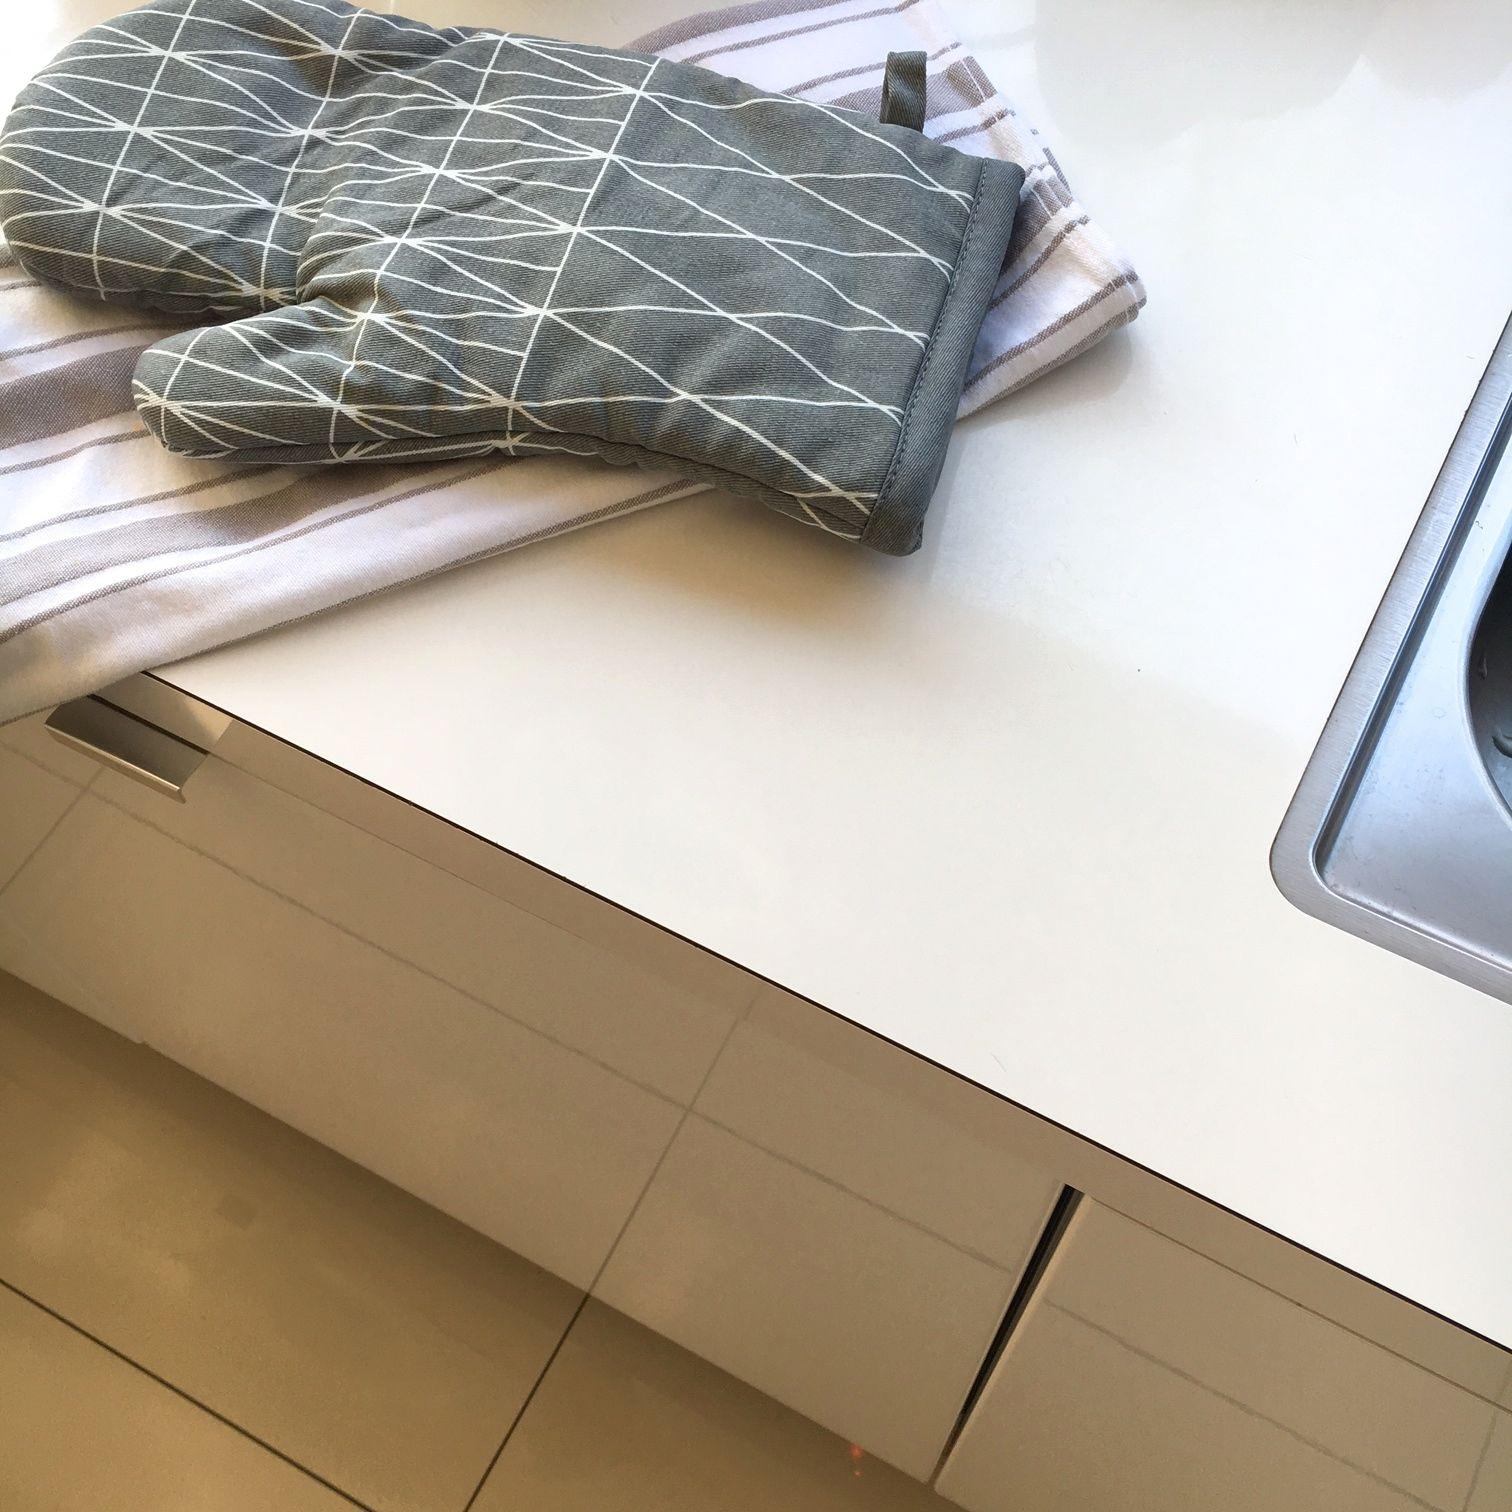 IKEA Kche Low Budget geht auch edel  ALLABOUTDESIGN